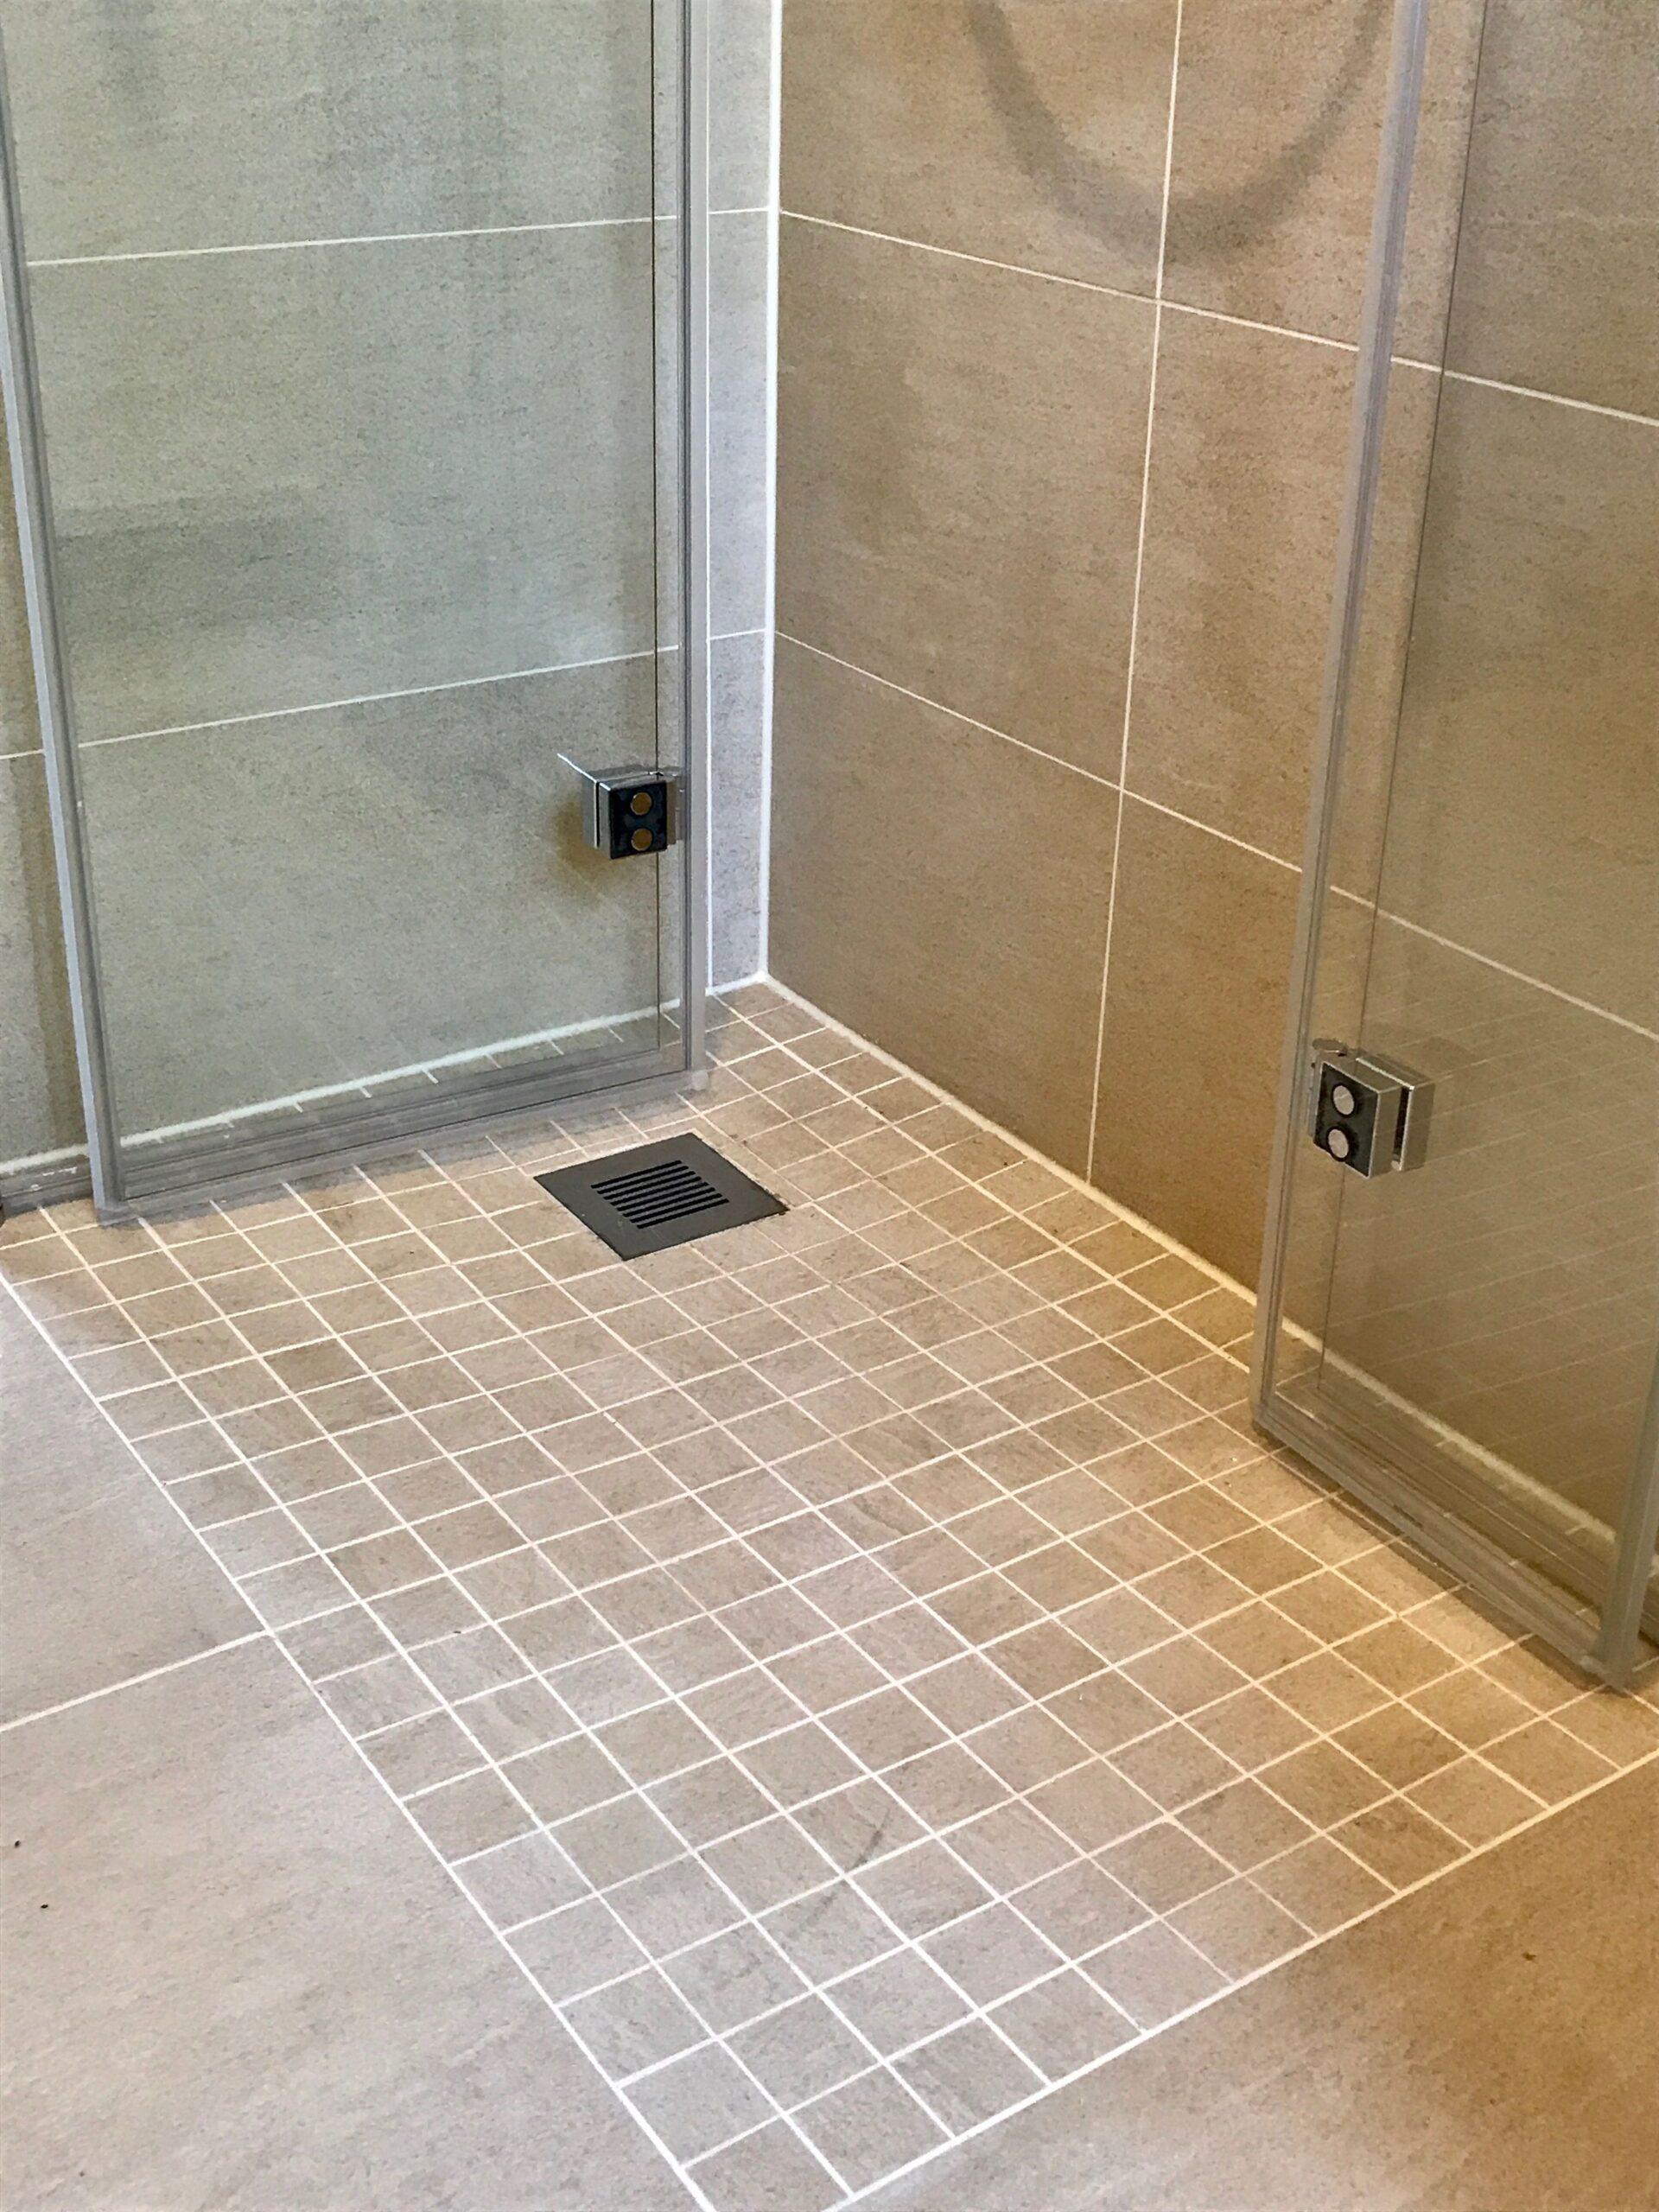 Full Size of Bodengleiche Duschen Bf Modul Fr Dusche Kaufen Fliesen Hüppe Moderne Breuer Hsk Schulte Werksverkauf Begehbare Sprinz Einbauen Nachträglich Dusche Bodengleiche Duschen